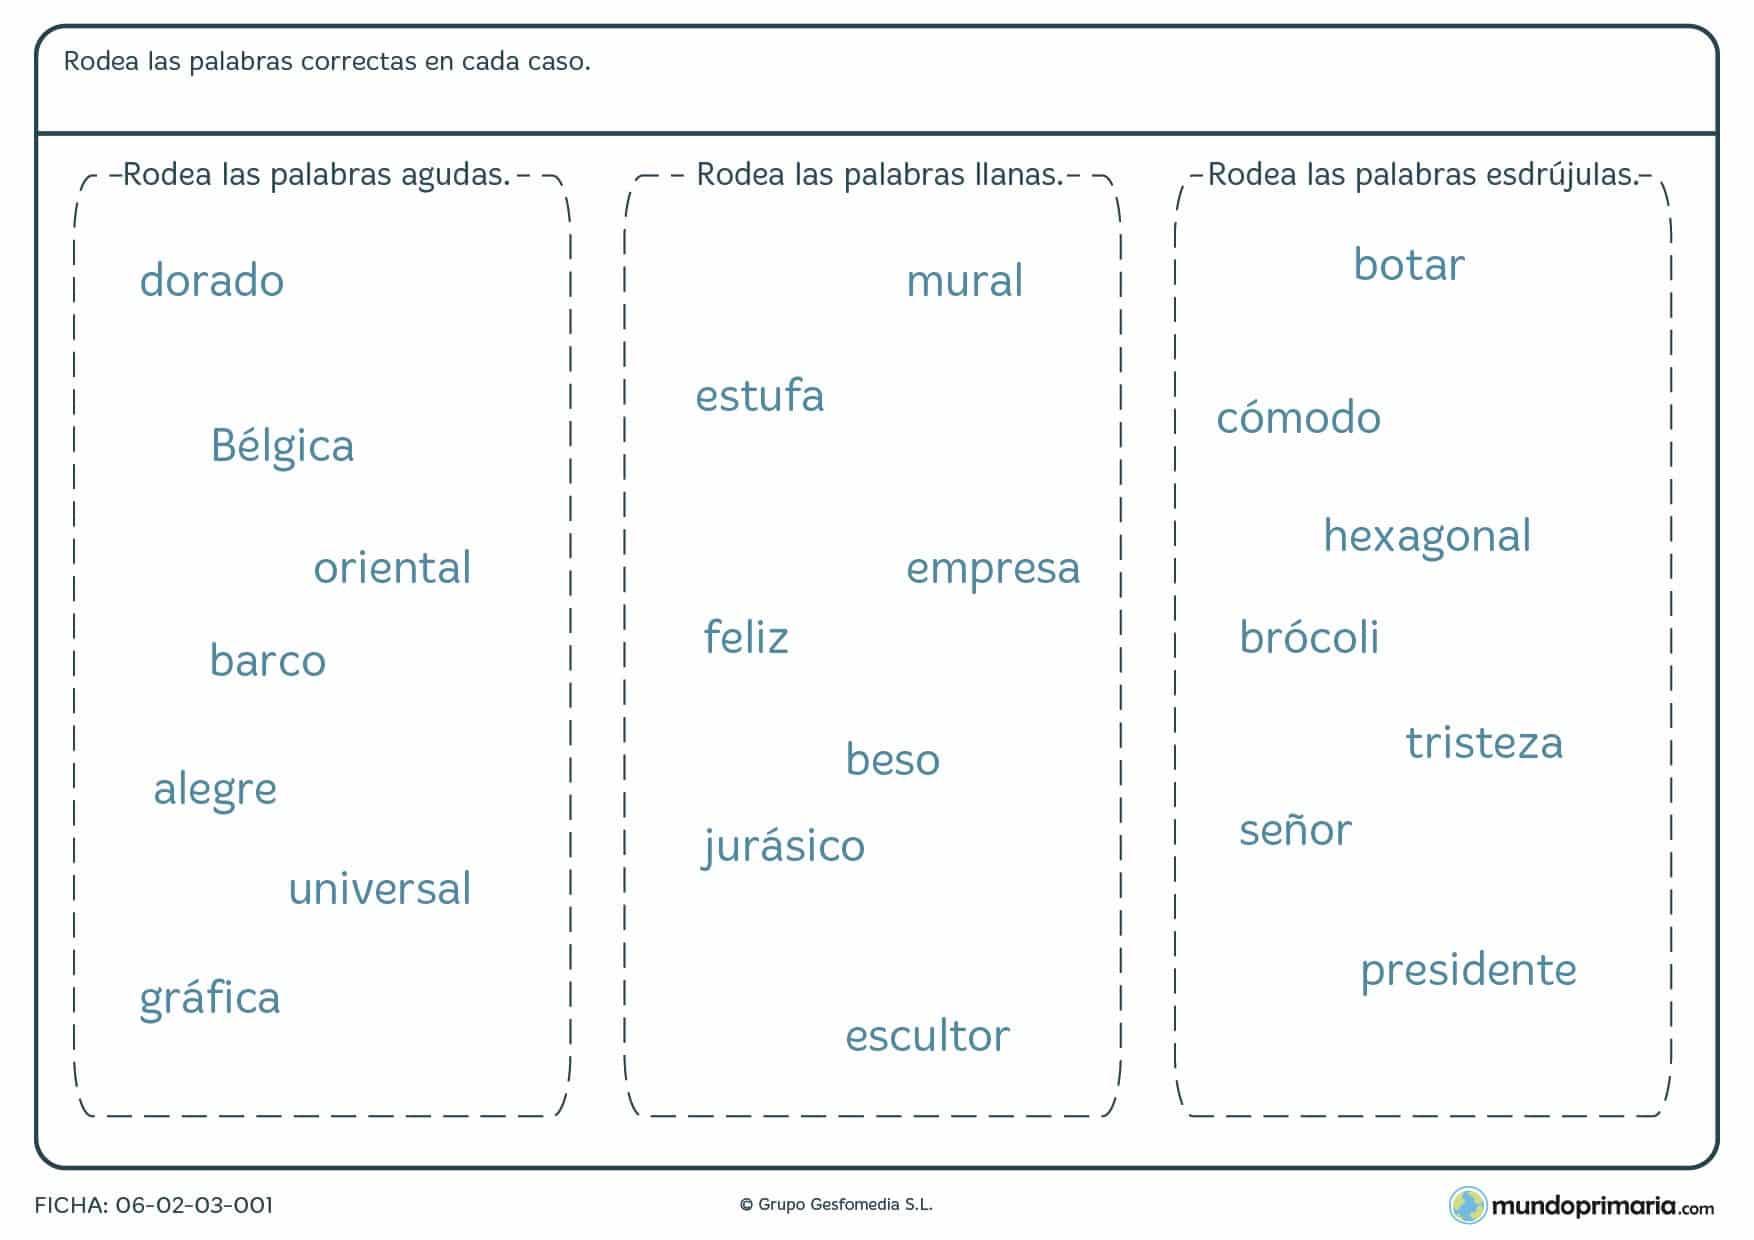 Ficha de palabras agudas, llanas y esdrújulas para 4º de Primaria